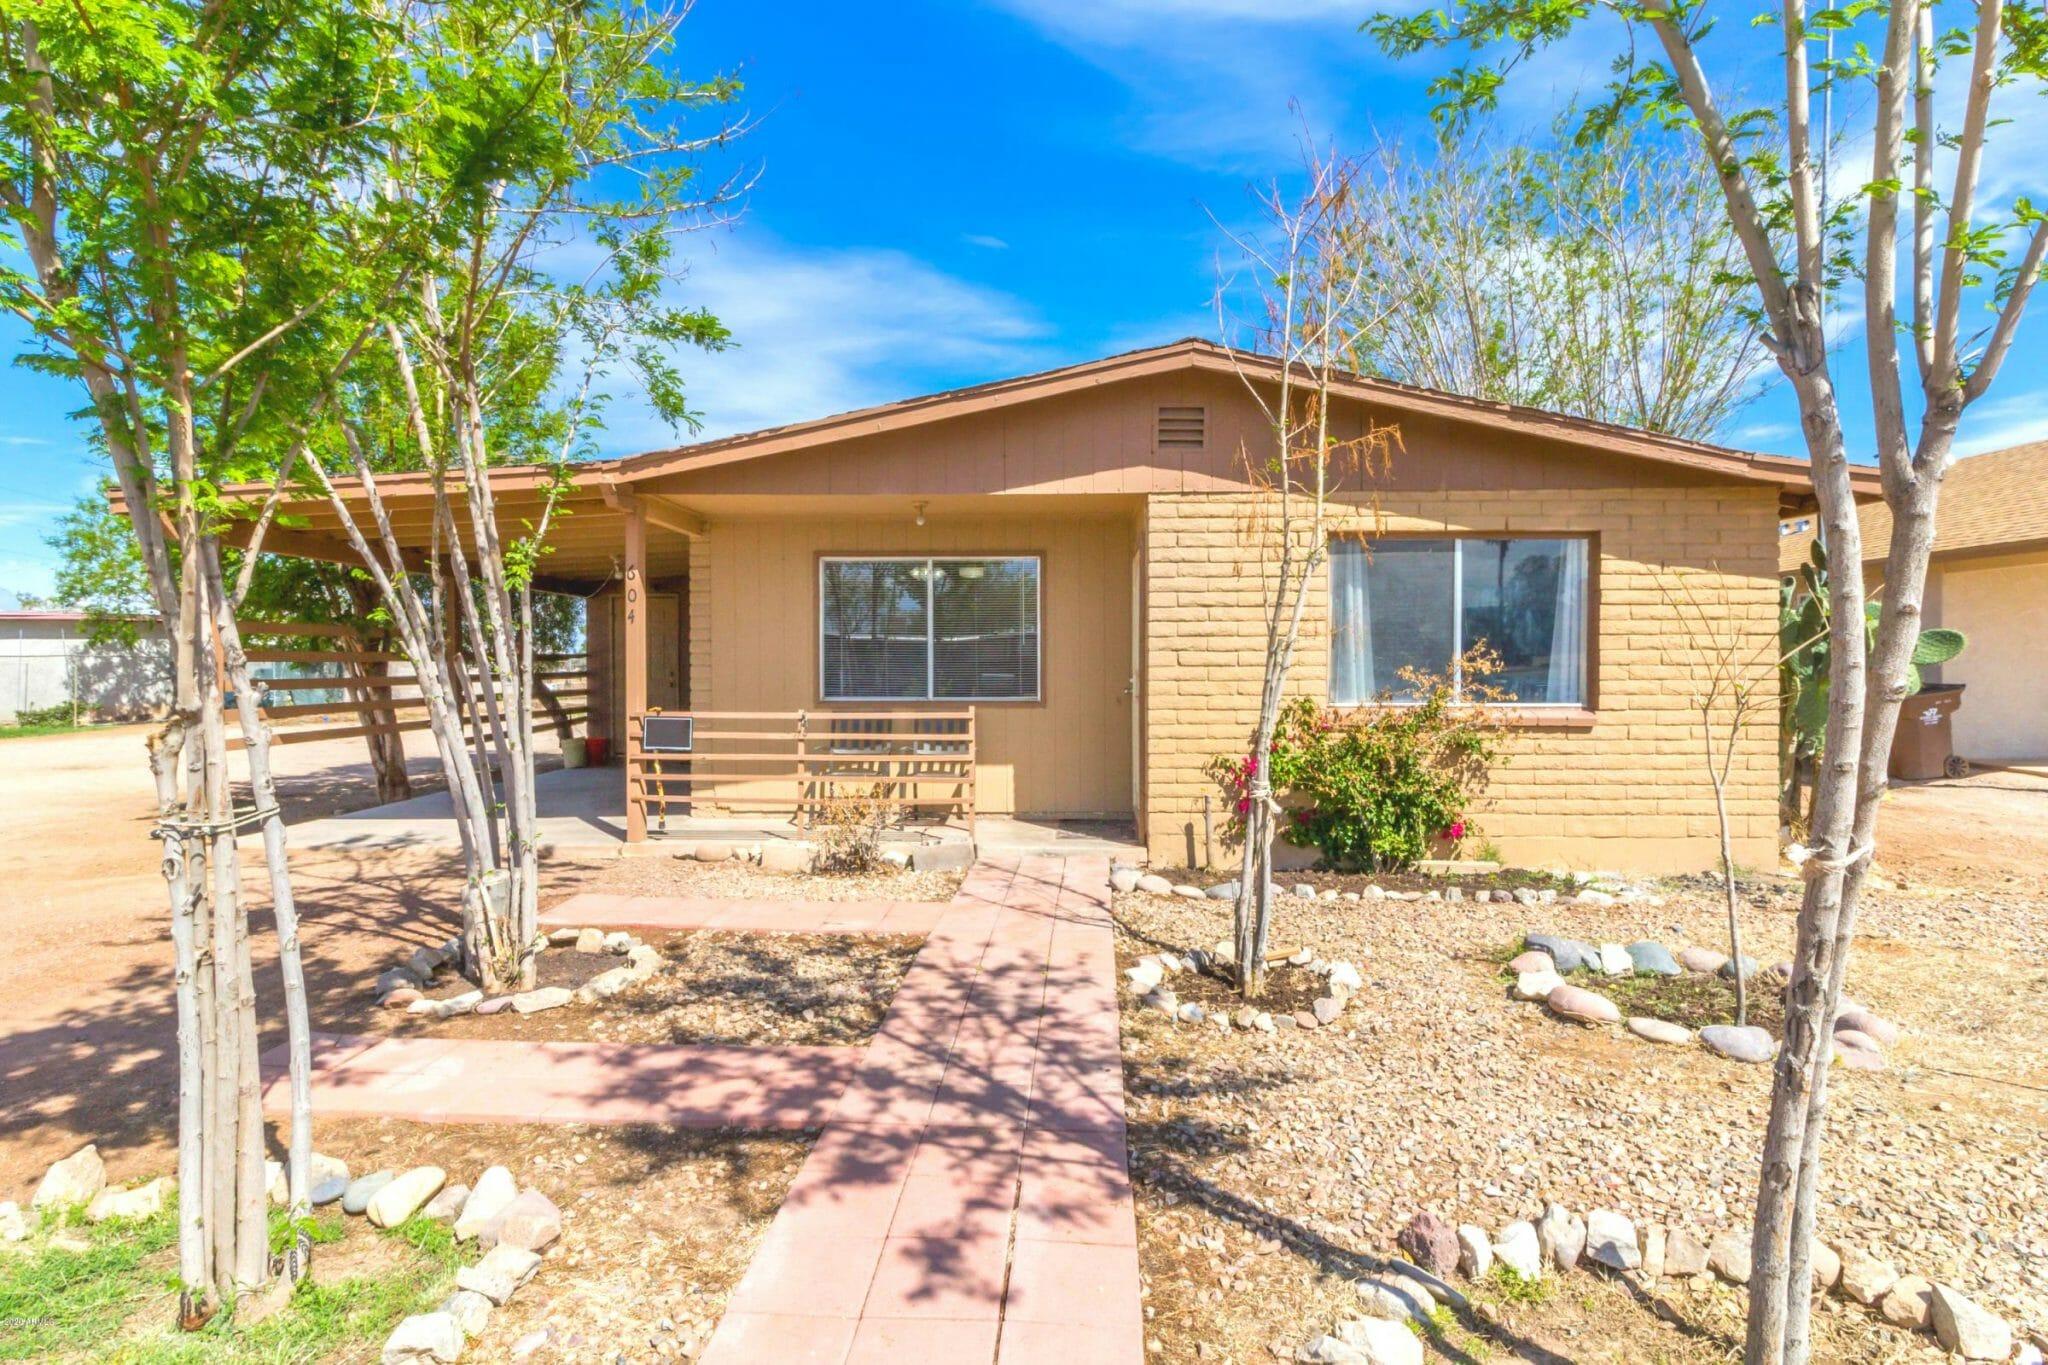 604 W 10th St, Eloy, AZ 85131